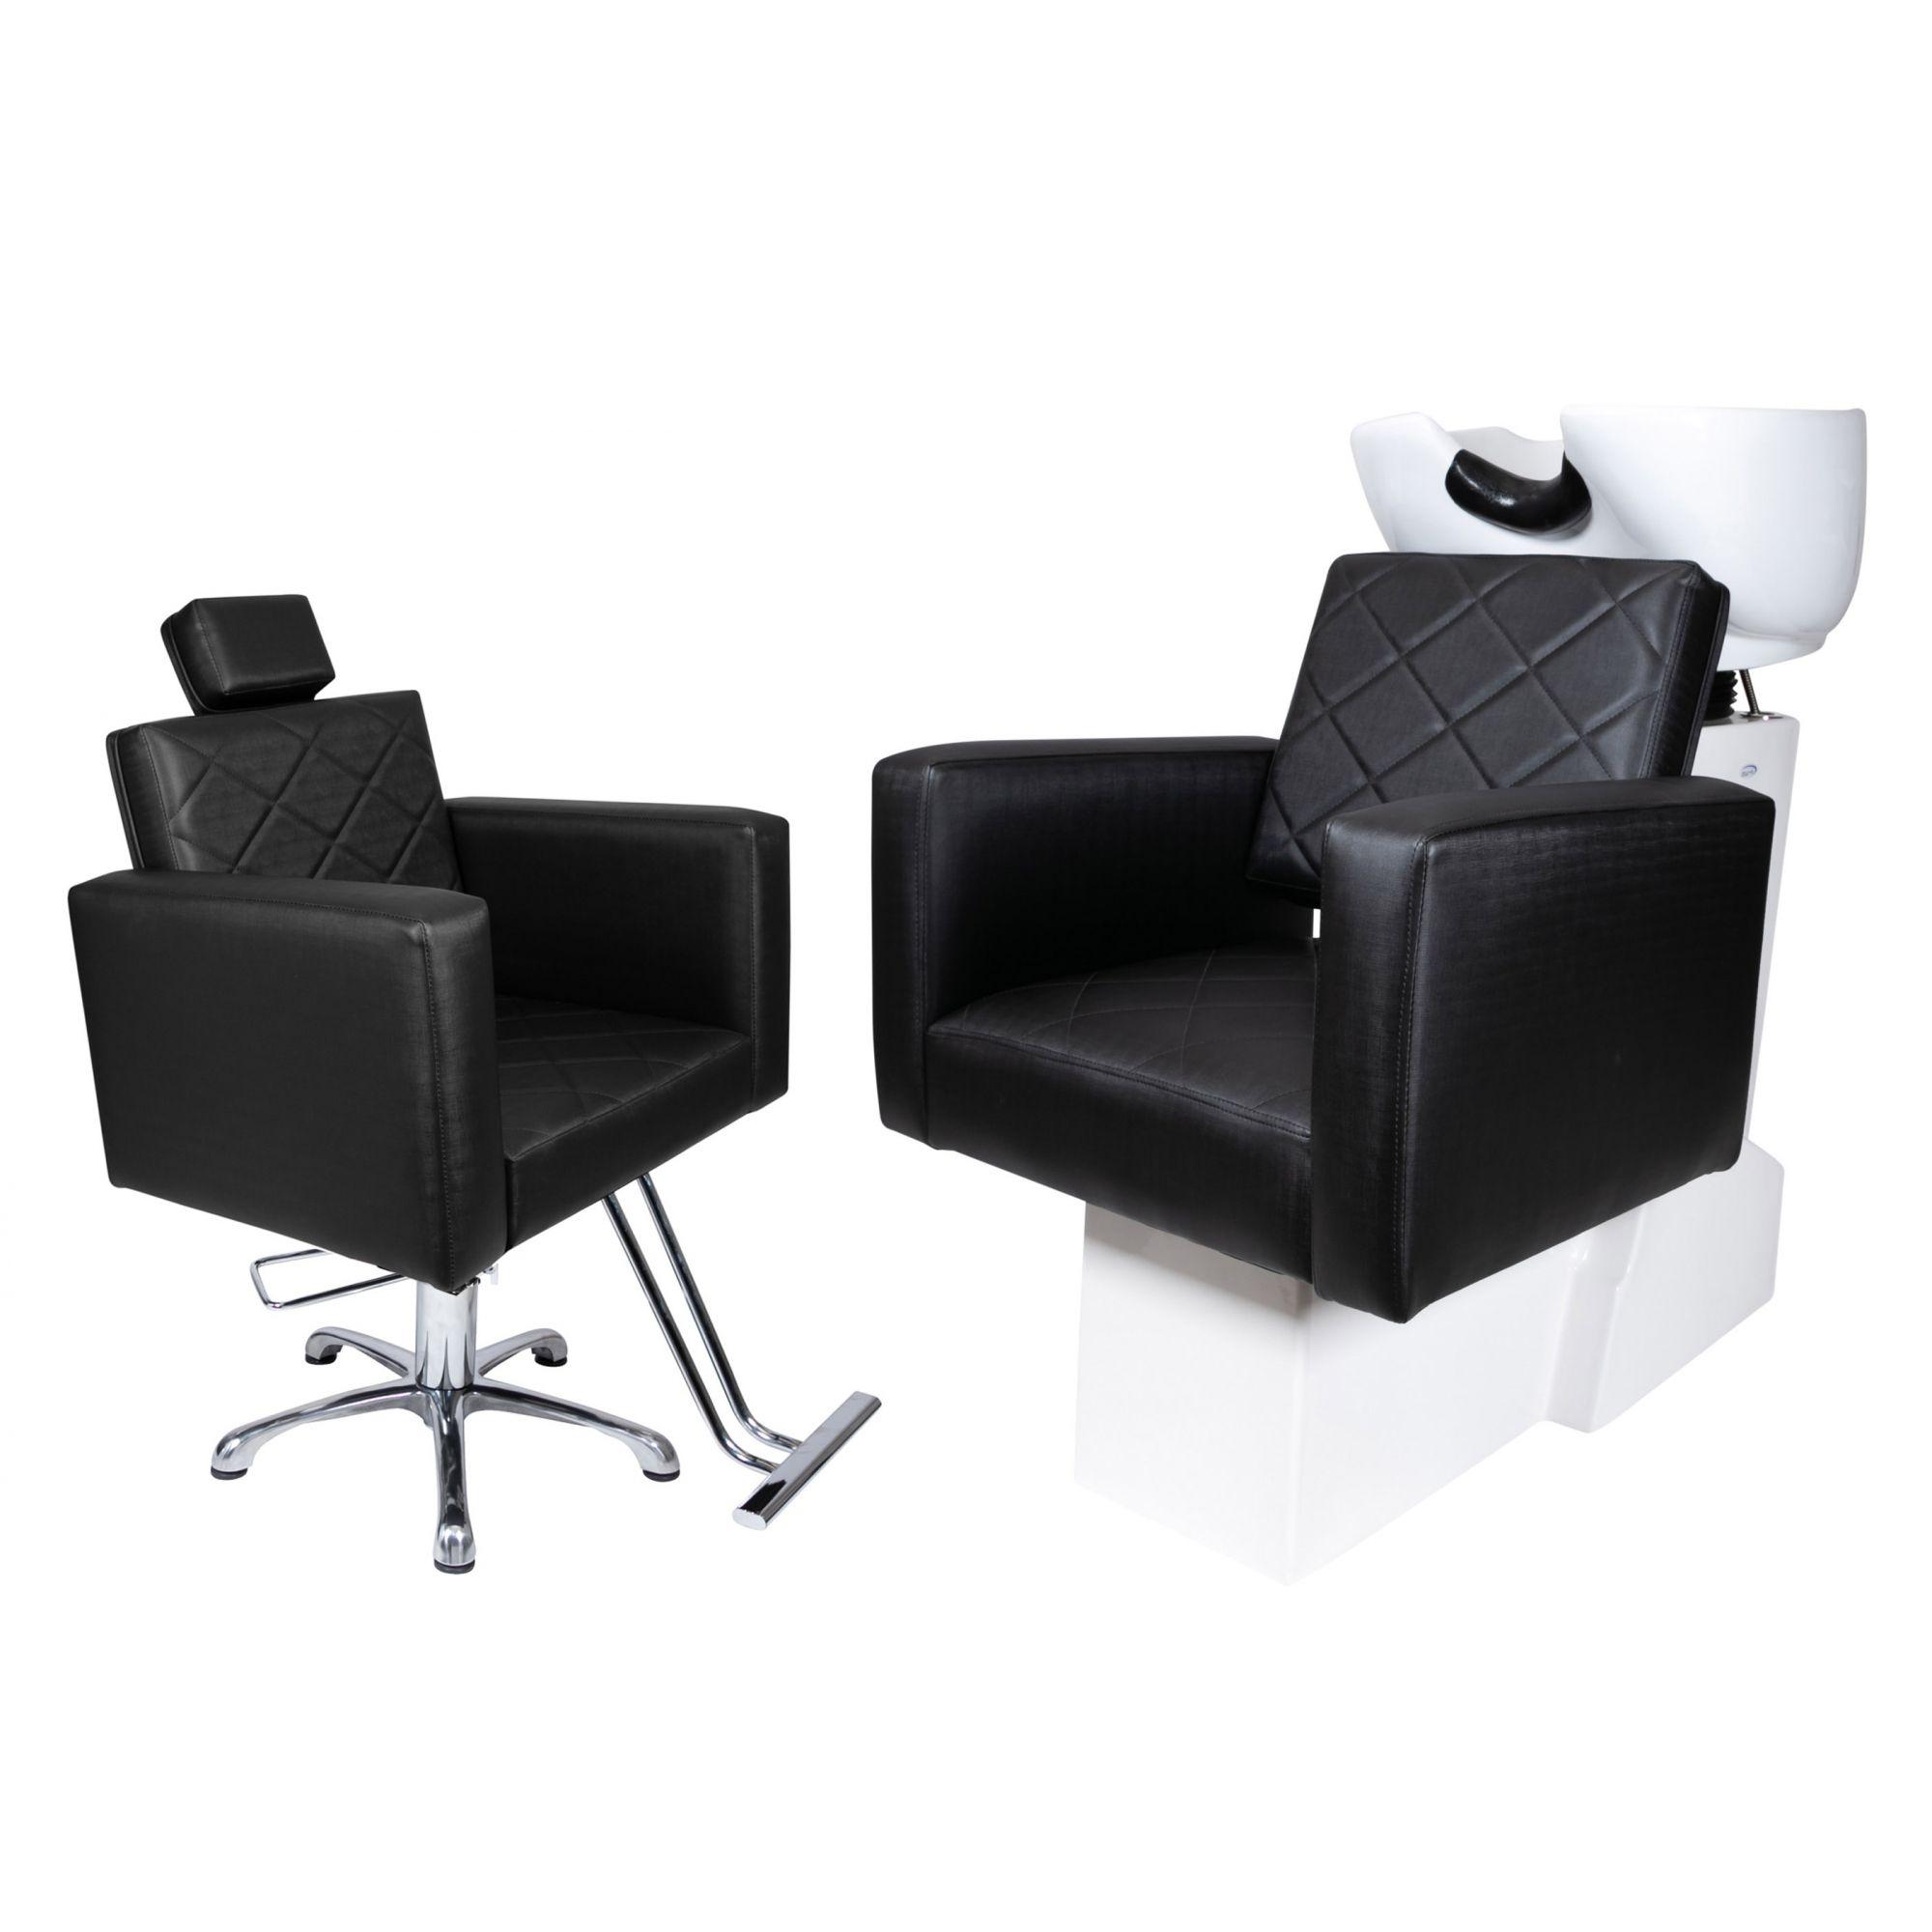 KIT Evidence -  1 Cadeira Fixa + 1 Lavatório